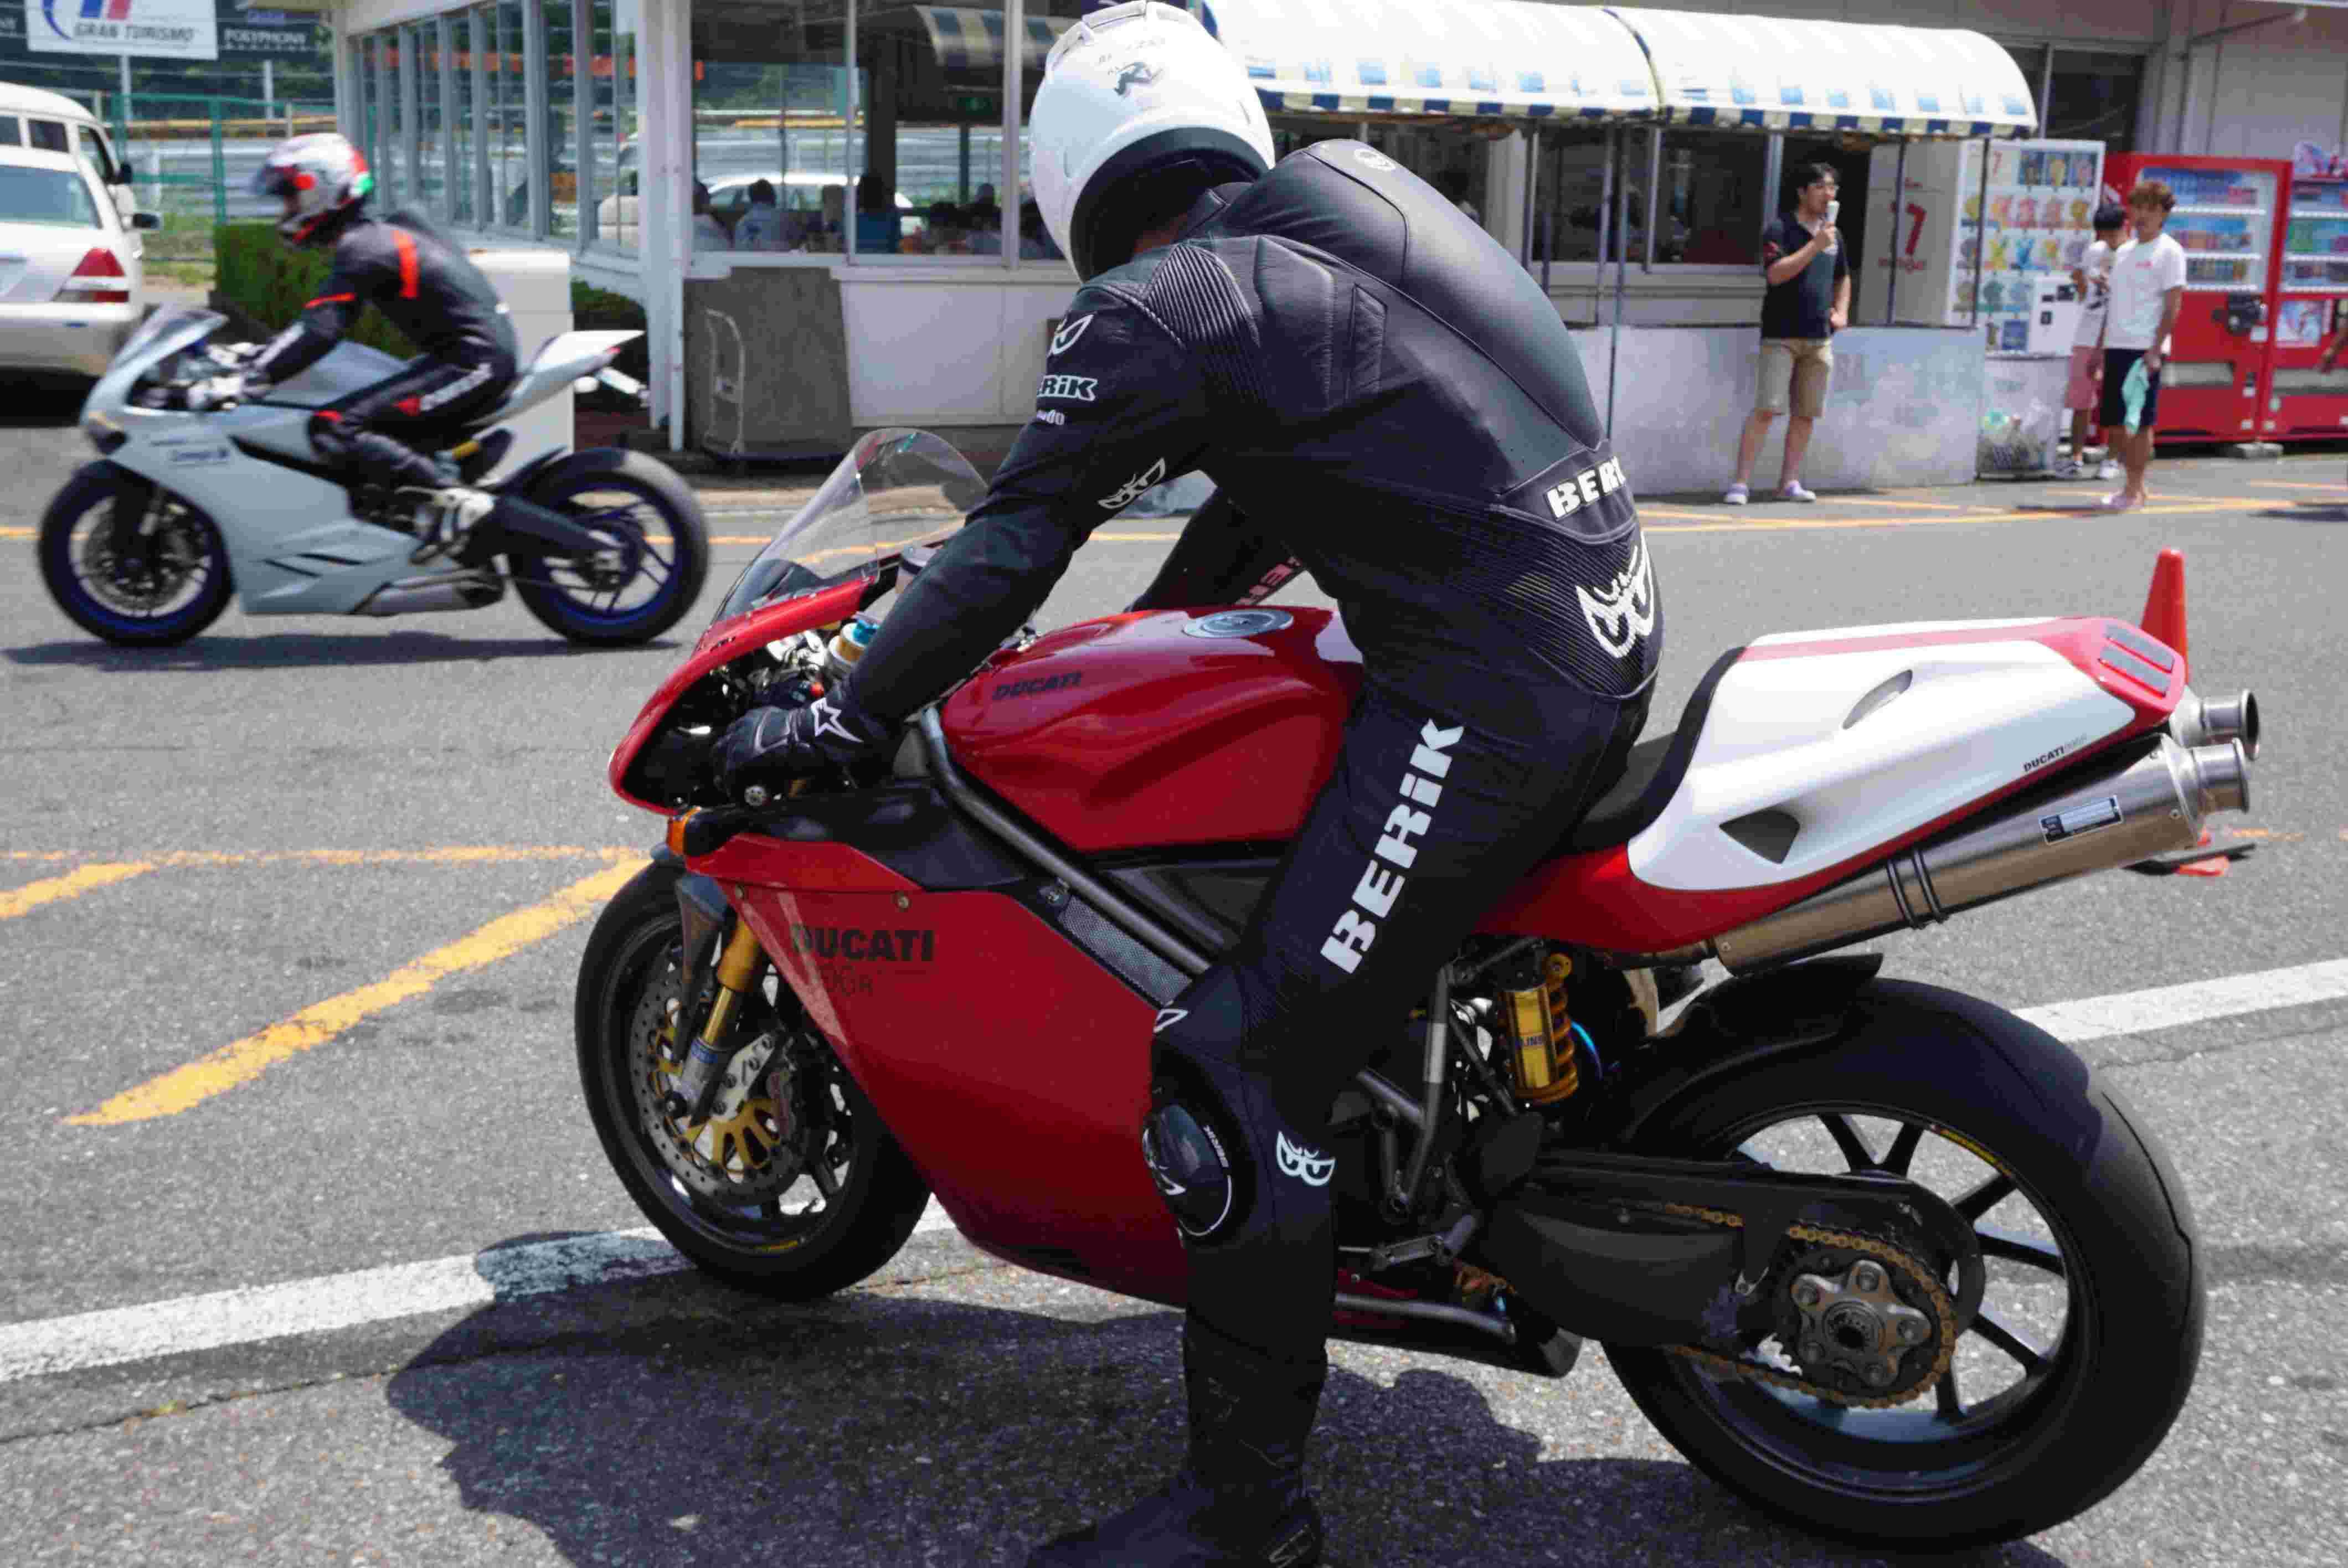 Superbike Ducati 916, 996, 998 et 748 - Page 7 Dsc00710